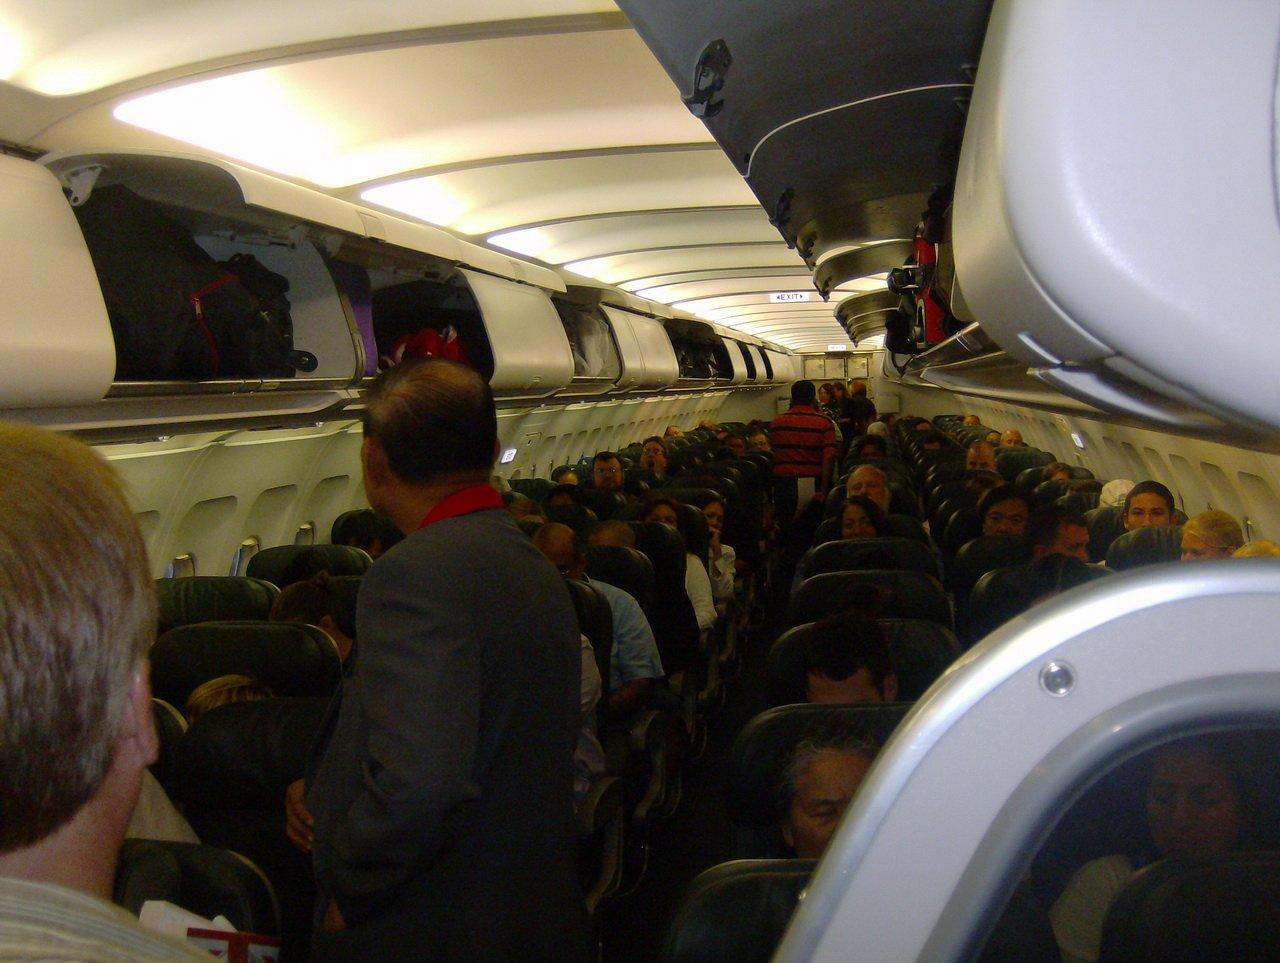 ВСША пассажиры самолёта заперли голого авиадебошира втуалете